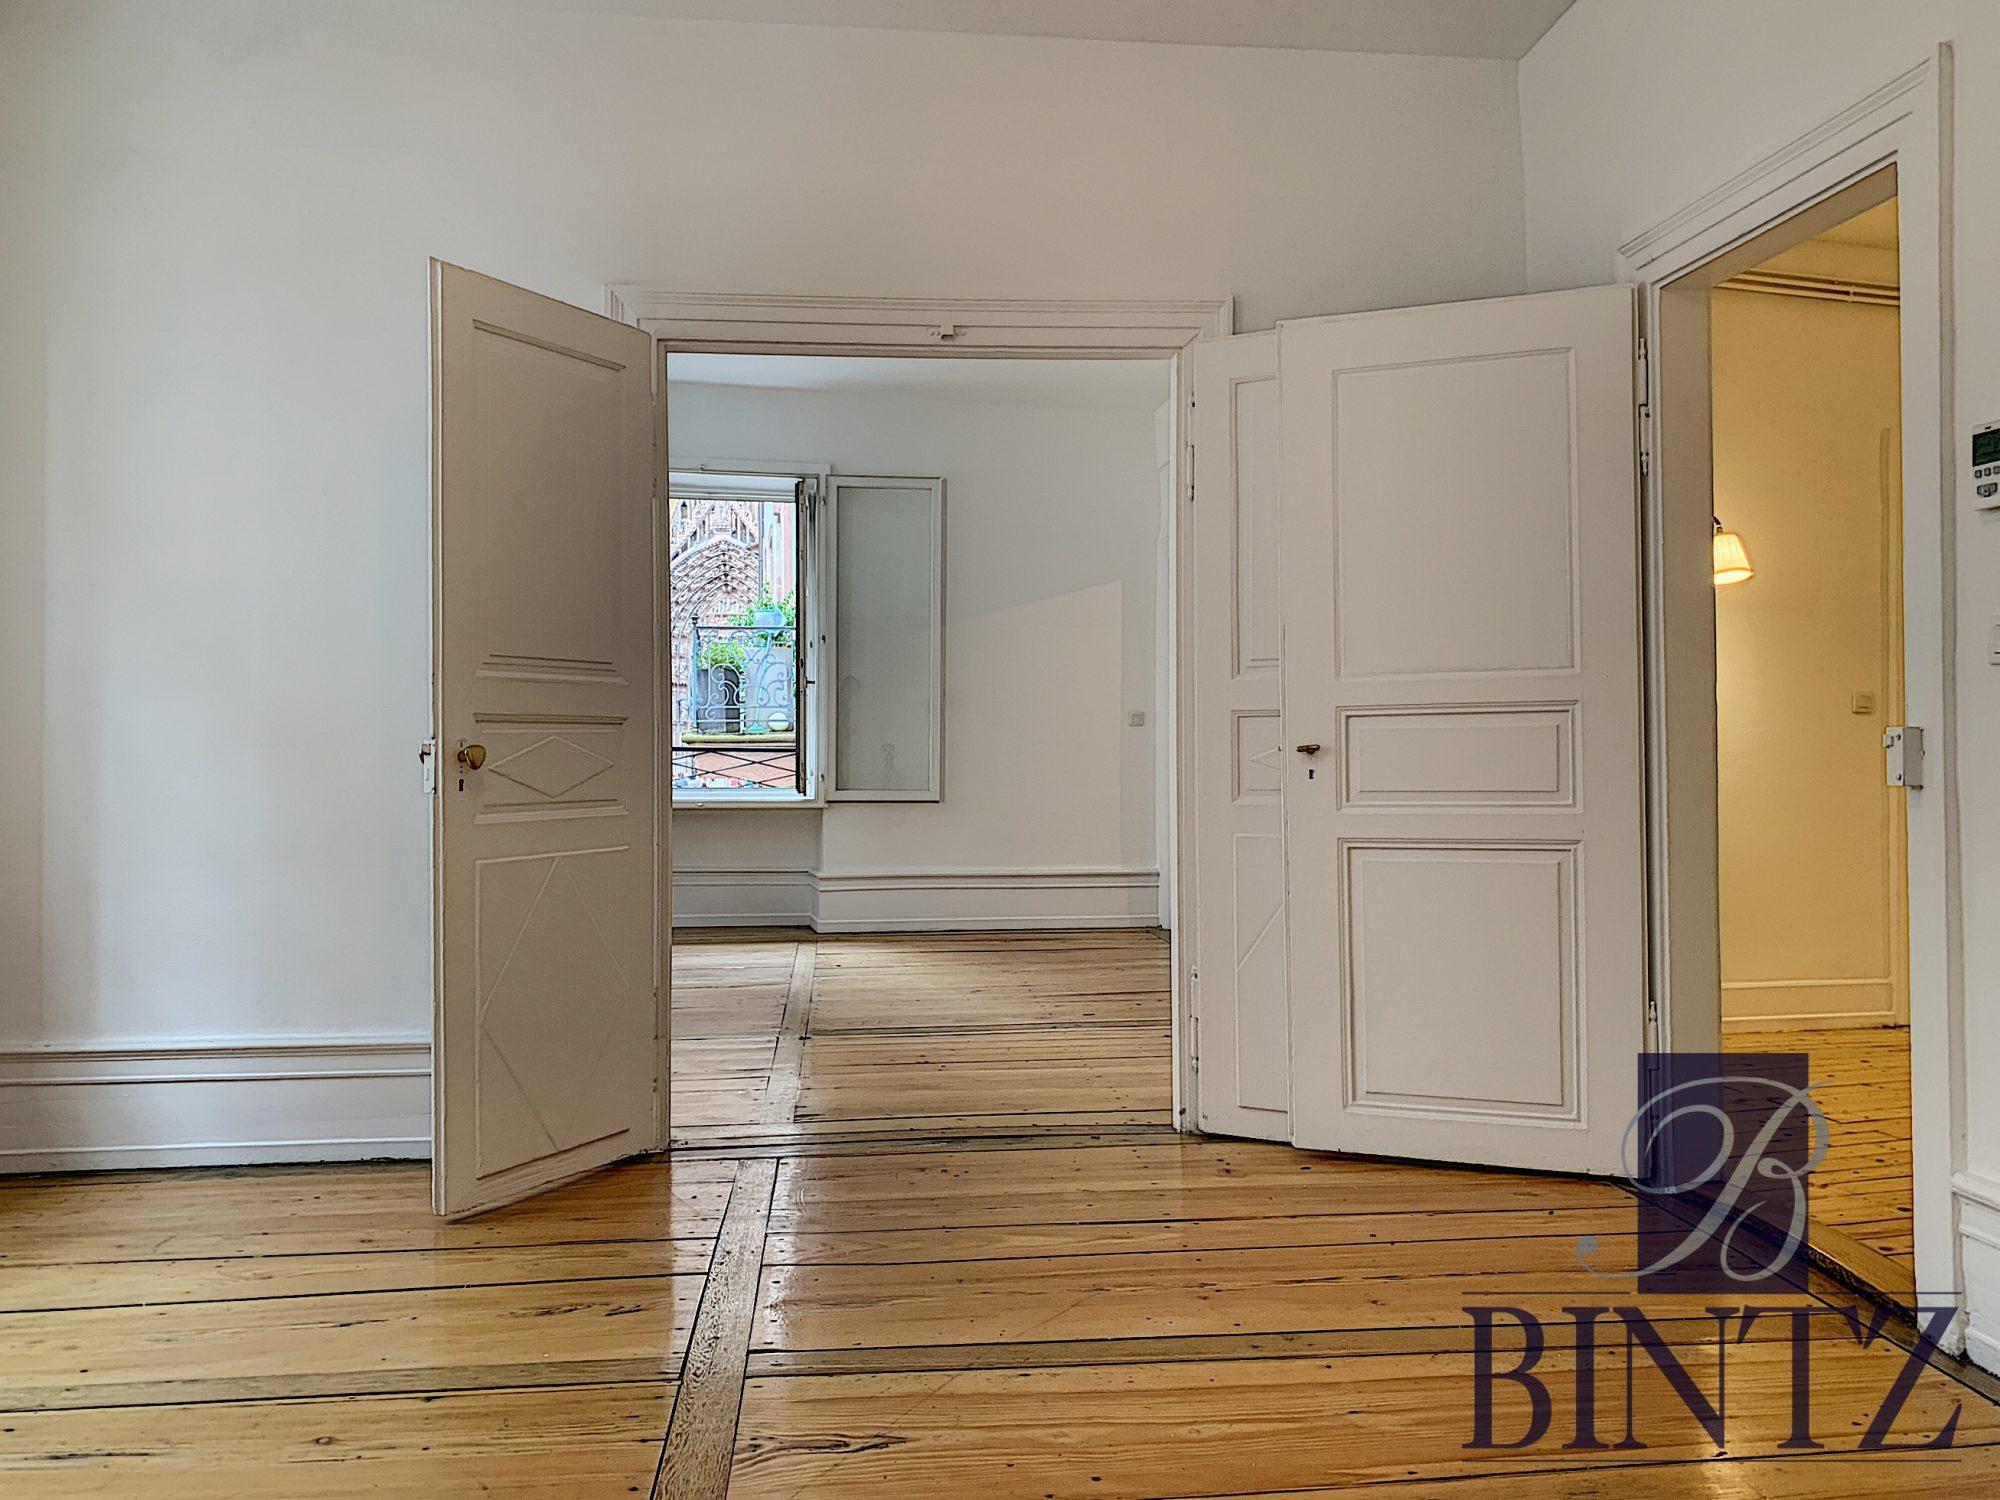 4 PIÈCES FACE A LA CATHÉDRALE - Devenez locataire en toute sérénité - Bintz Immobilier - 15